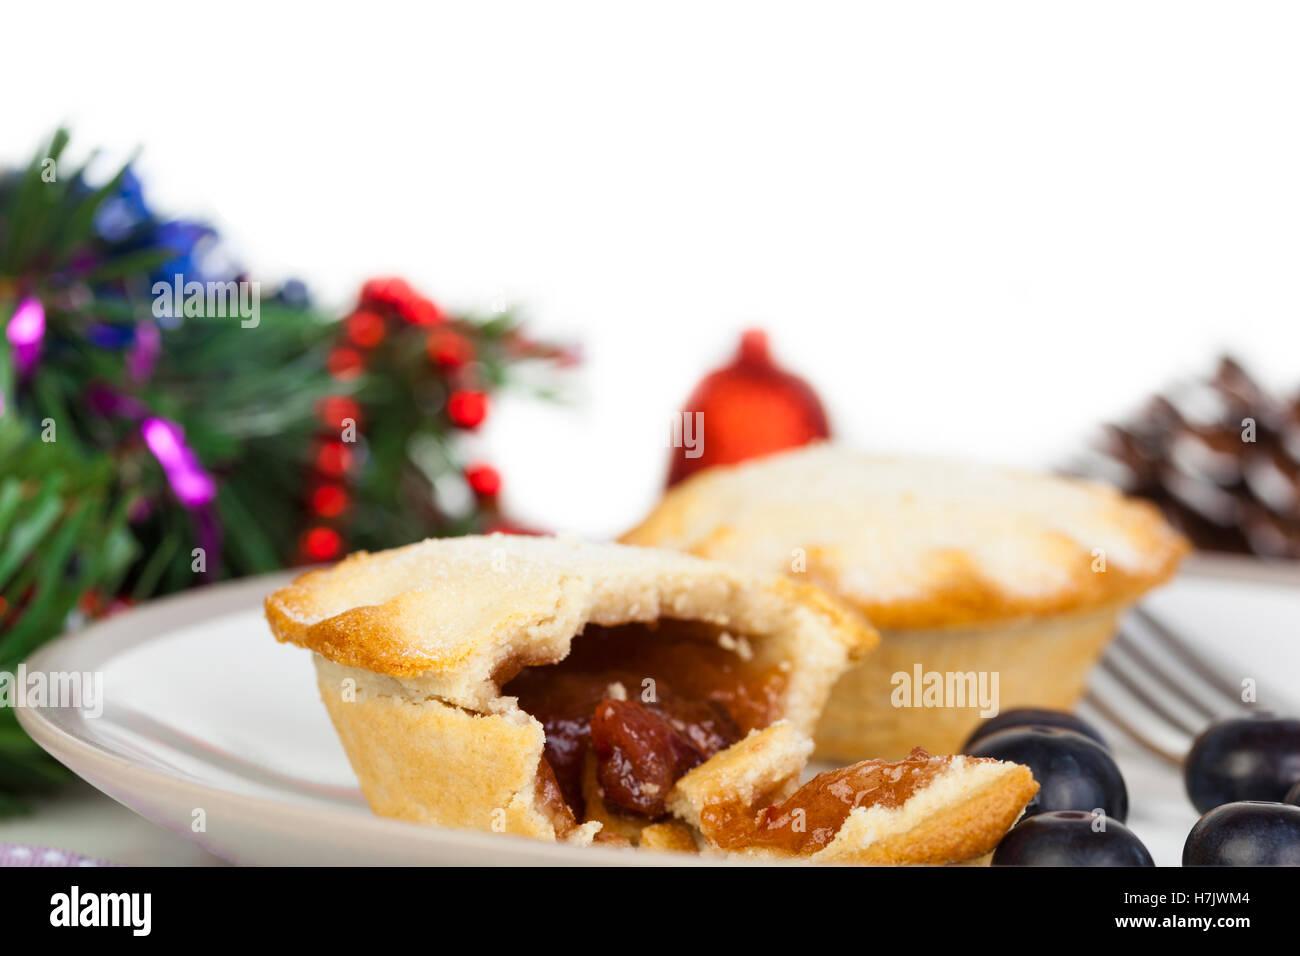 Teil gegessen Mince Pie mit Heidelbeeren und Weihnachts-Dekorationen auf weißem Hintergrund Stockbild